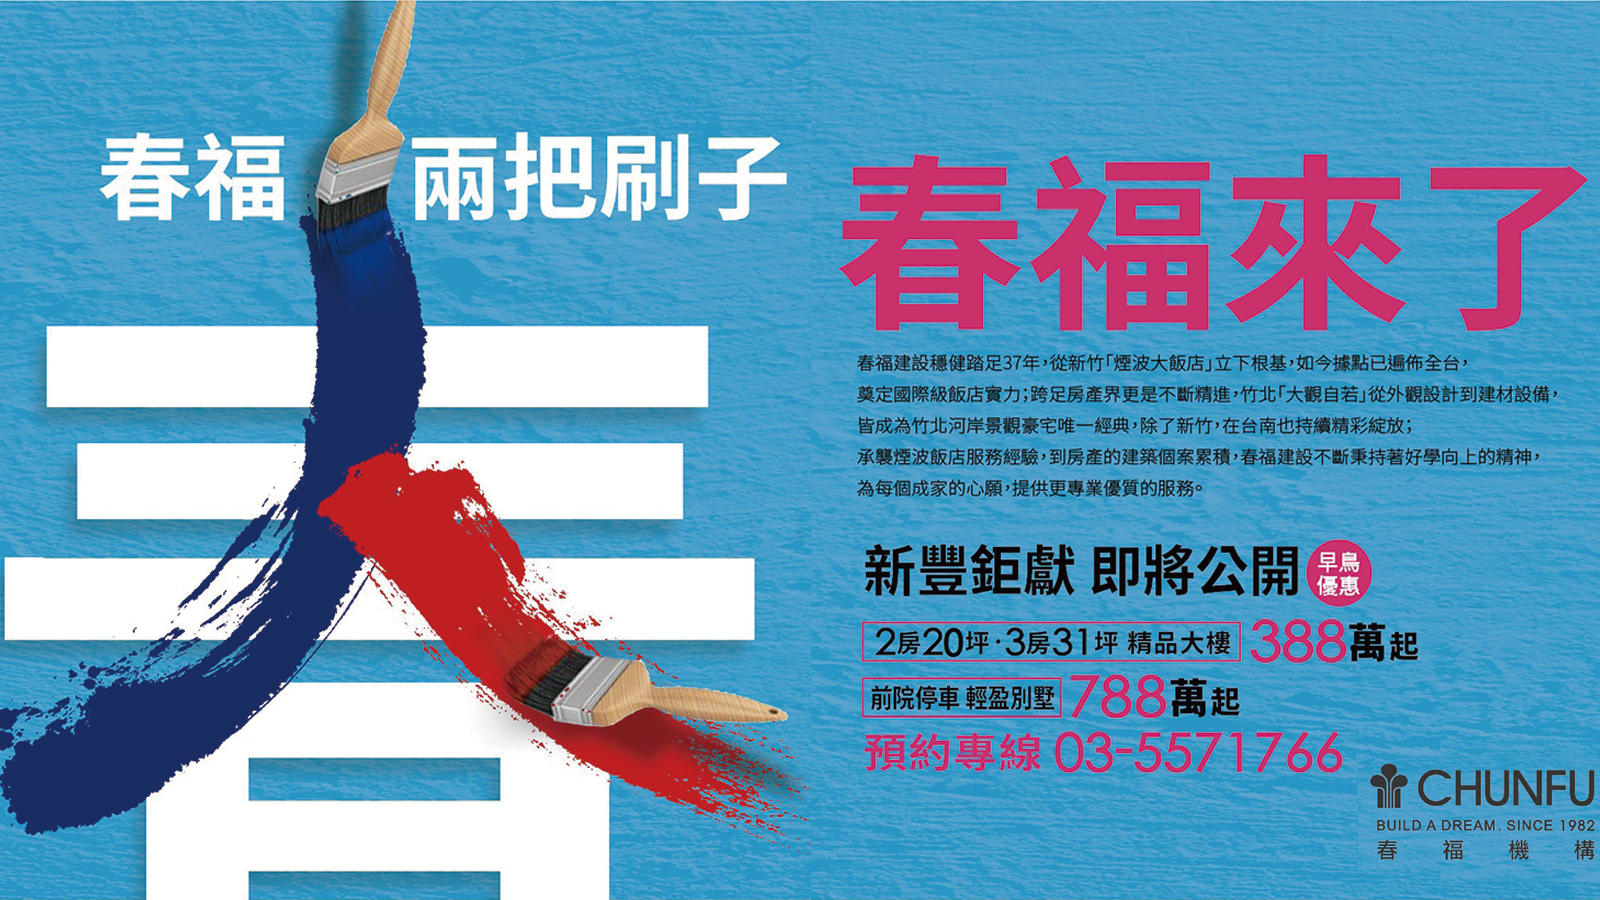 [新豐仰德]春福建設-春福新豐案(大樓+透天)20190304-1.png